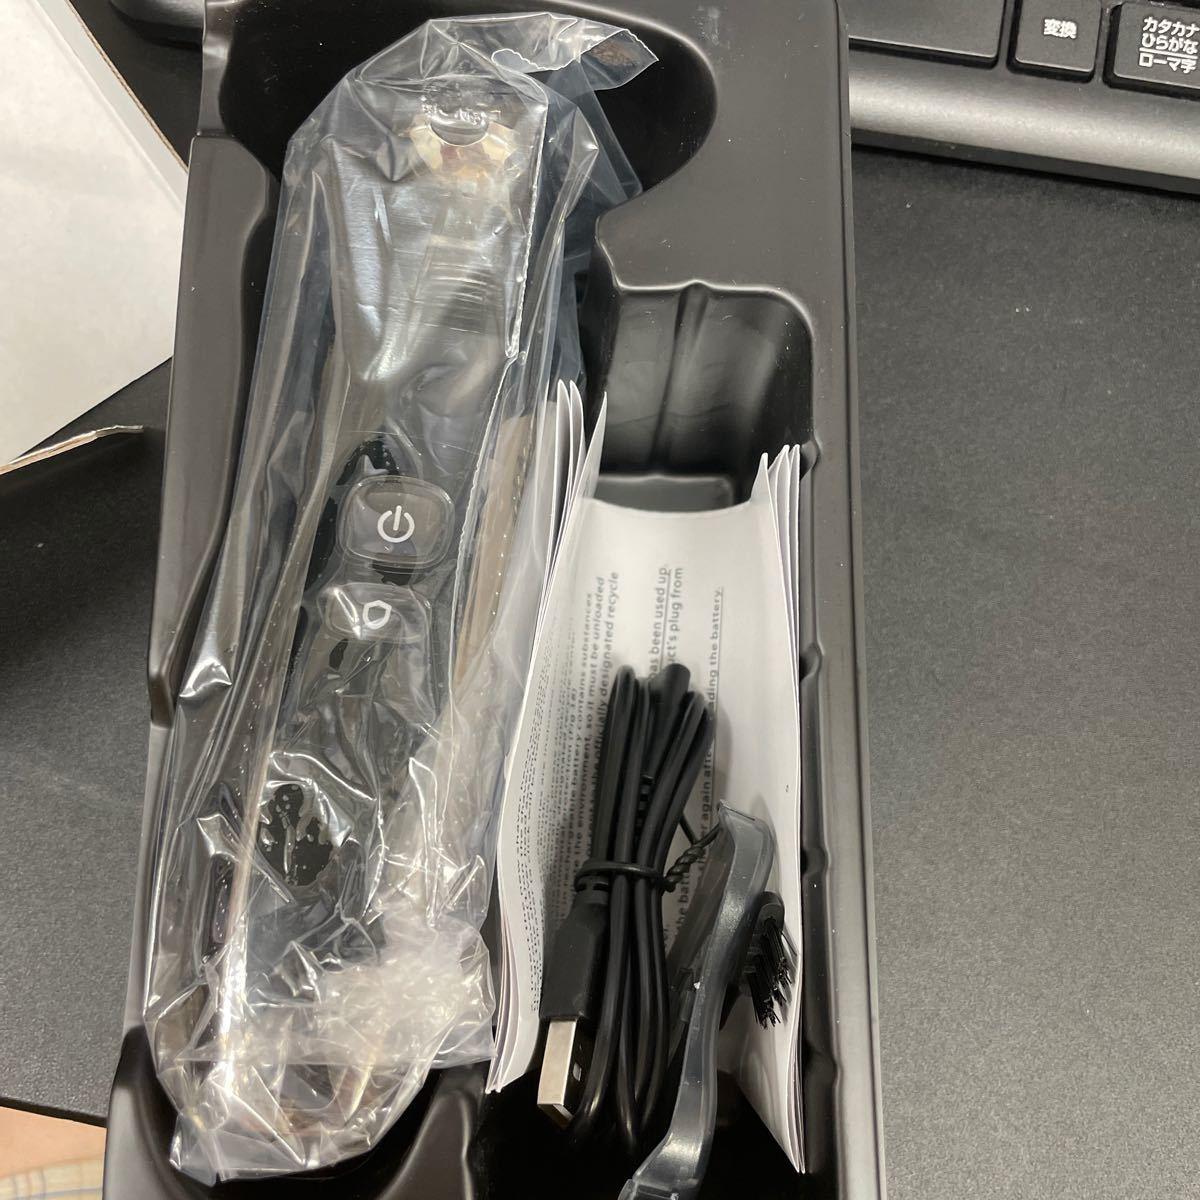 電気 シェーバー メンズ ひげそり 回転式 4枚刃 USB充電式 4D浮上刃 IPX6防水 お風呂剃り可 LED電池残量表示